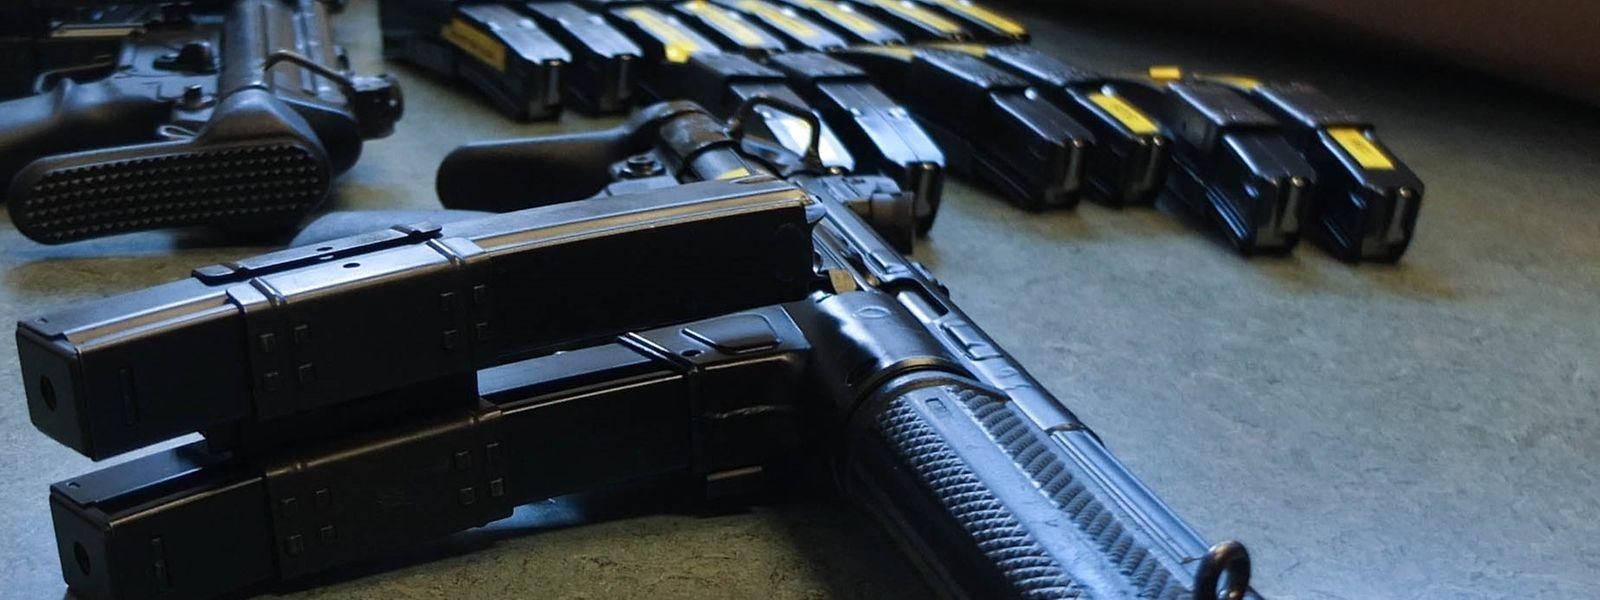 Mit dieser Maschinenpistole MP5 von Heckler & Koch ist auch die Luxemburger Polizei ausgerüstet.